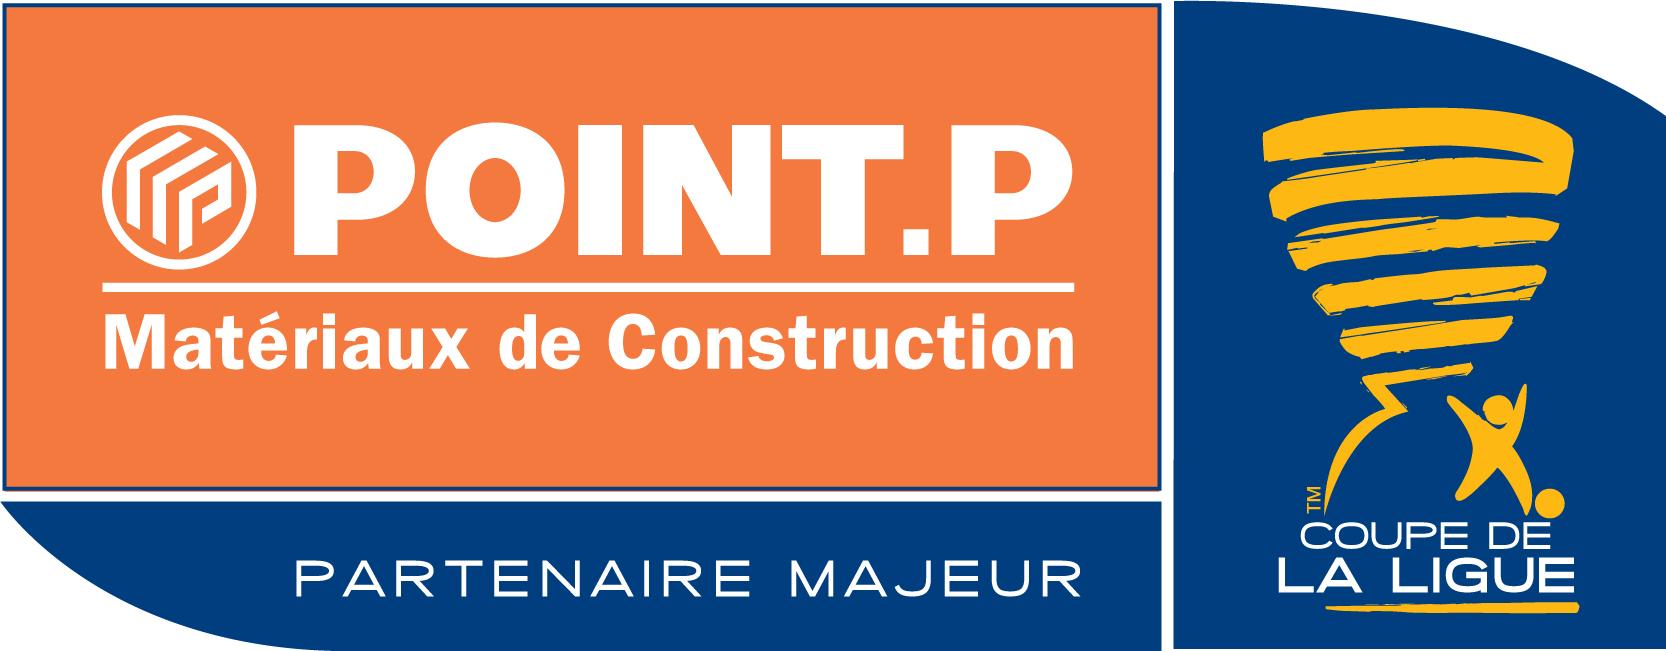 point p reconduit son partenariat avec la coupe de la. Black Bedroom Furniture Sets. Home Design Ideas